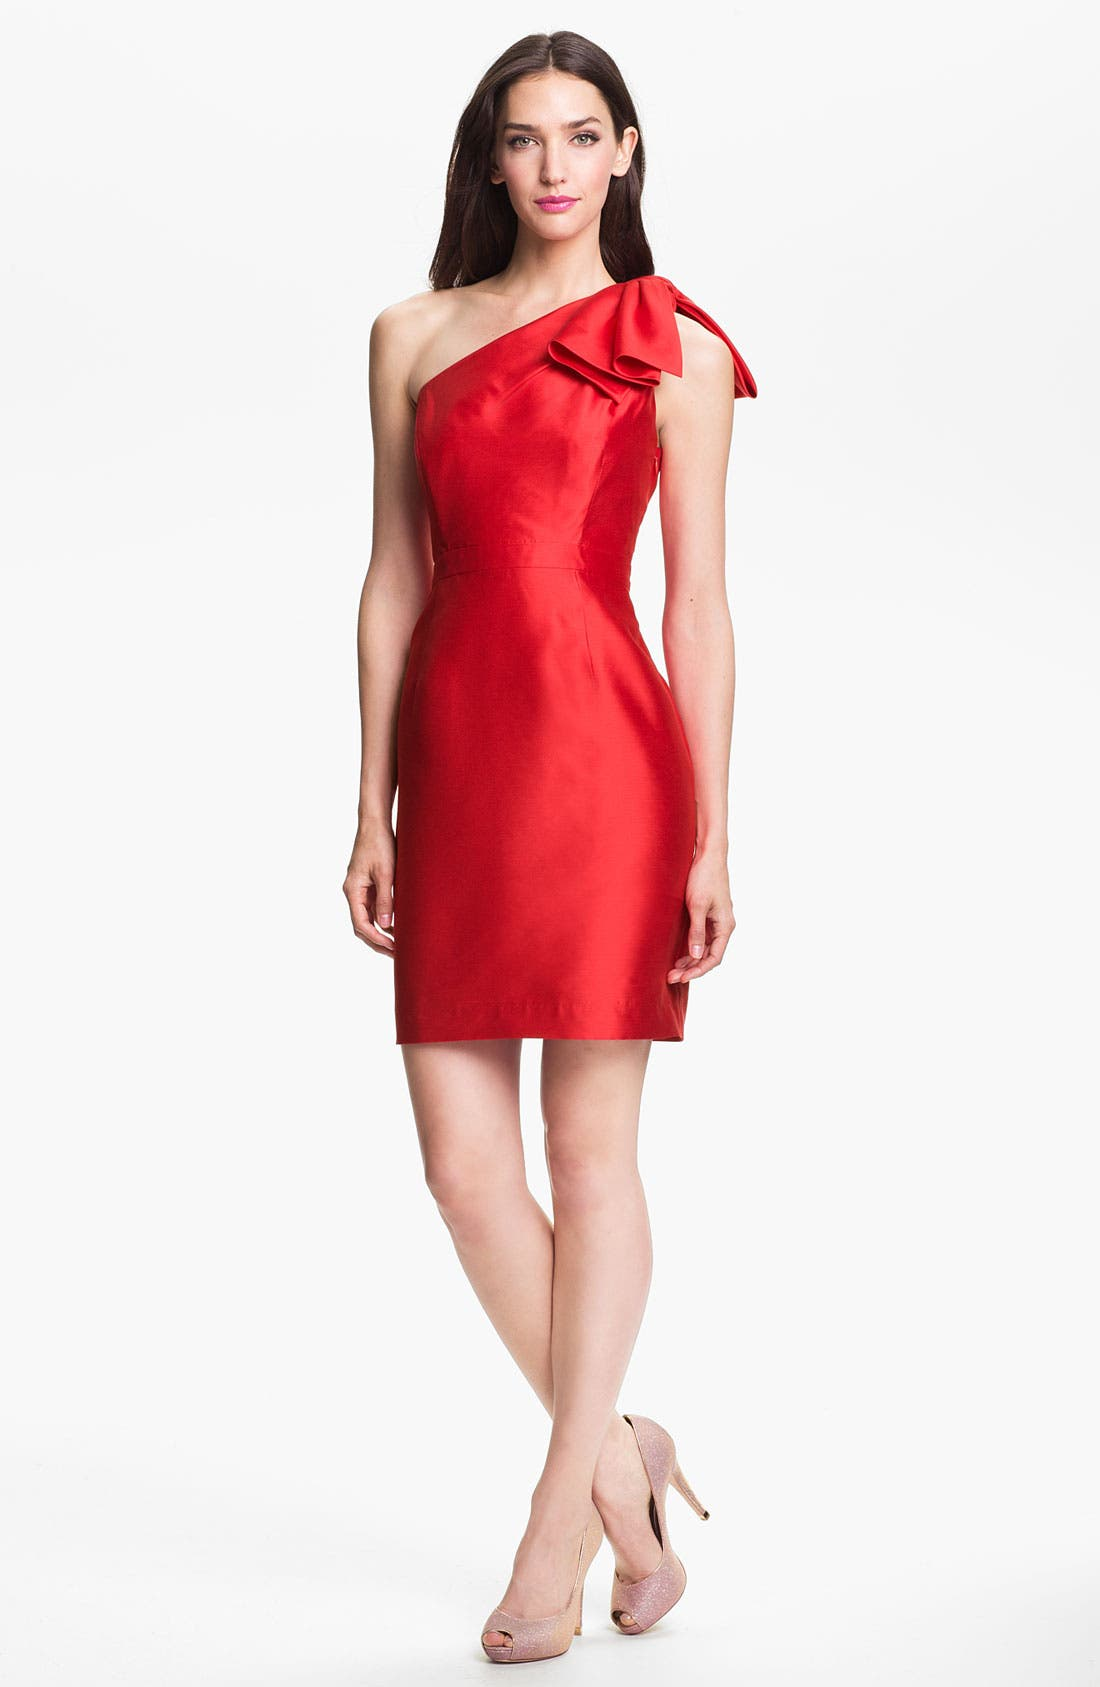 Alternate Image 1 Selected - Shoshanna One Shoulder Satin Dress